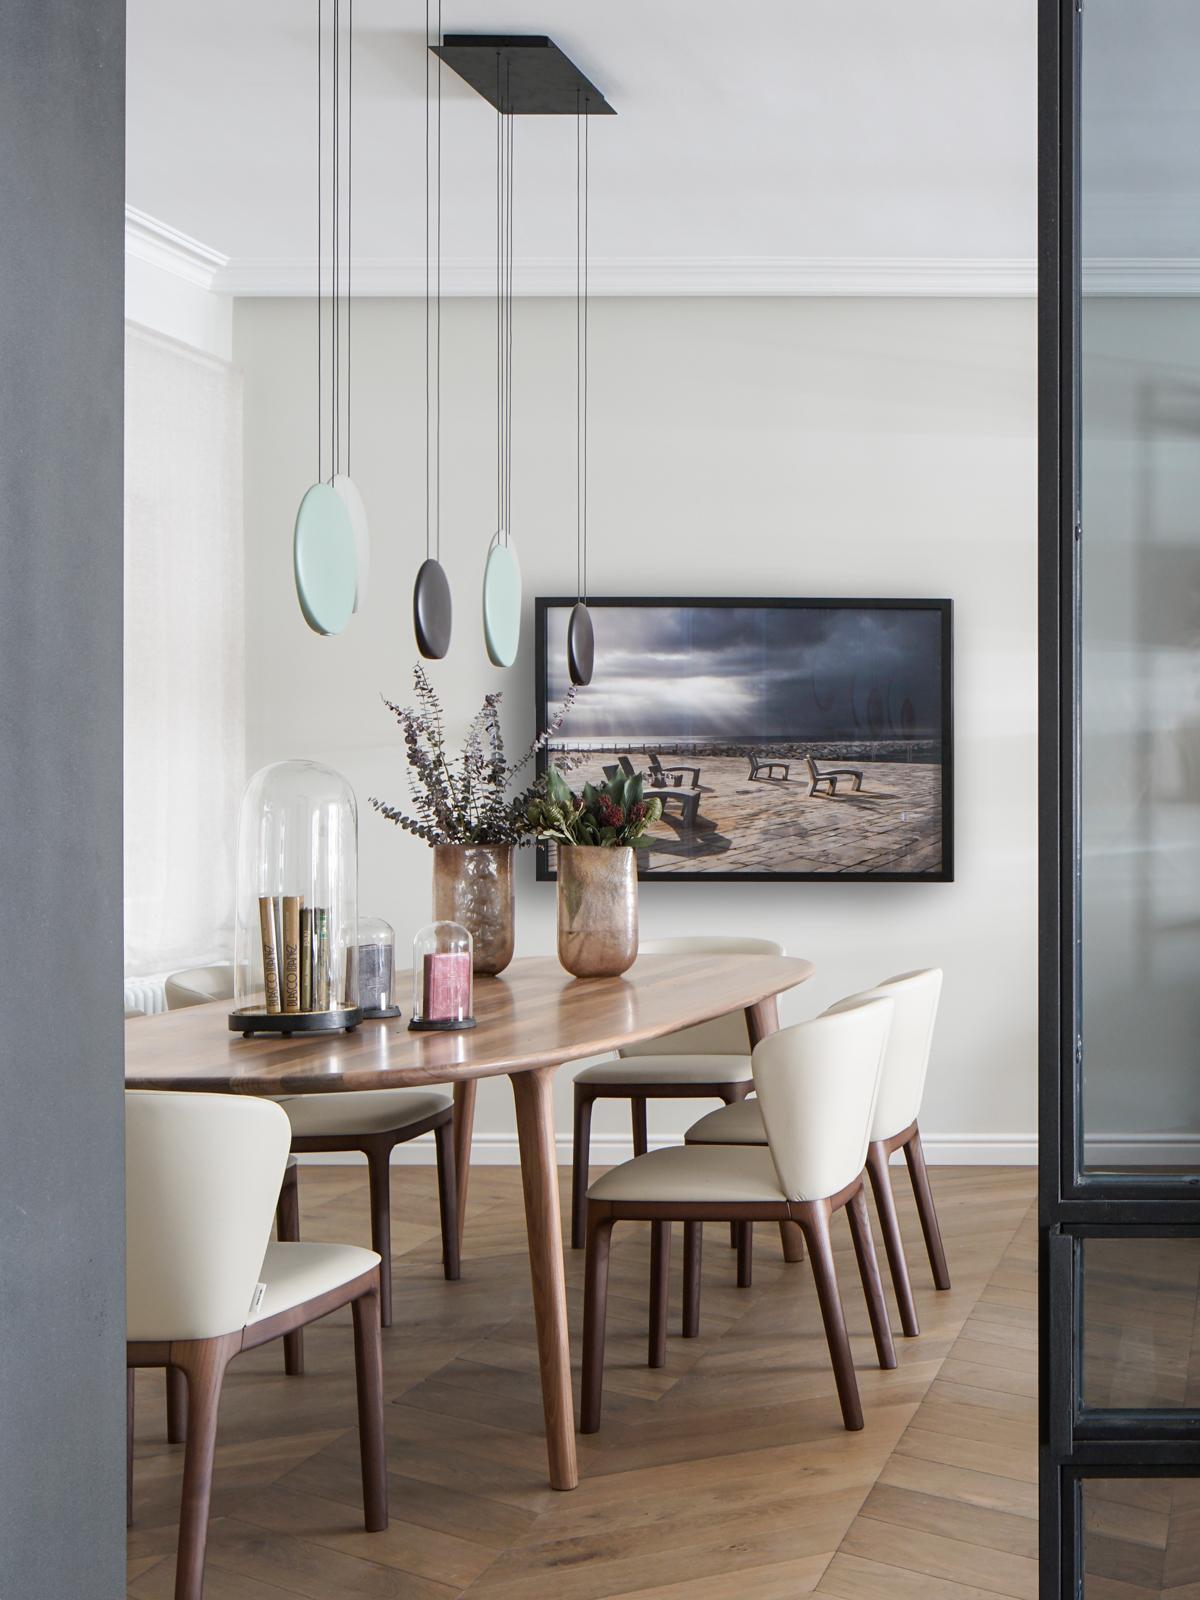 Elegantné retro bývanie v historickej budove Barcelony - Elegantná jedáleň je zariadená podľa súčasných trendov, a predsa perfektne nadväzuje na retro nábytok v obývacej časti a čitateľskom kútiku. Dominujúcimi materiálmi sú tu drevo, rôzne typy mramoru, mosadz, železo a textílie jemnej farebnosti.